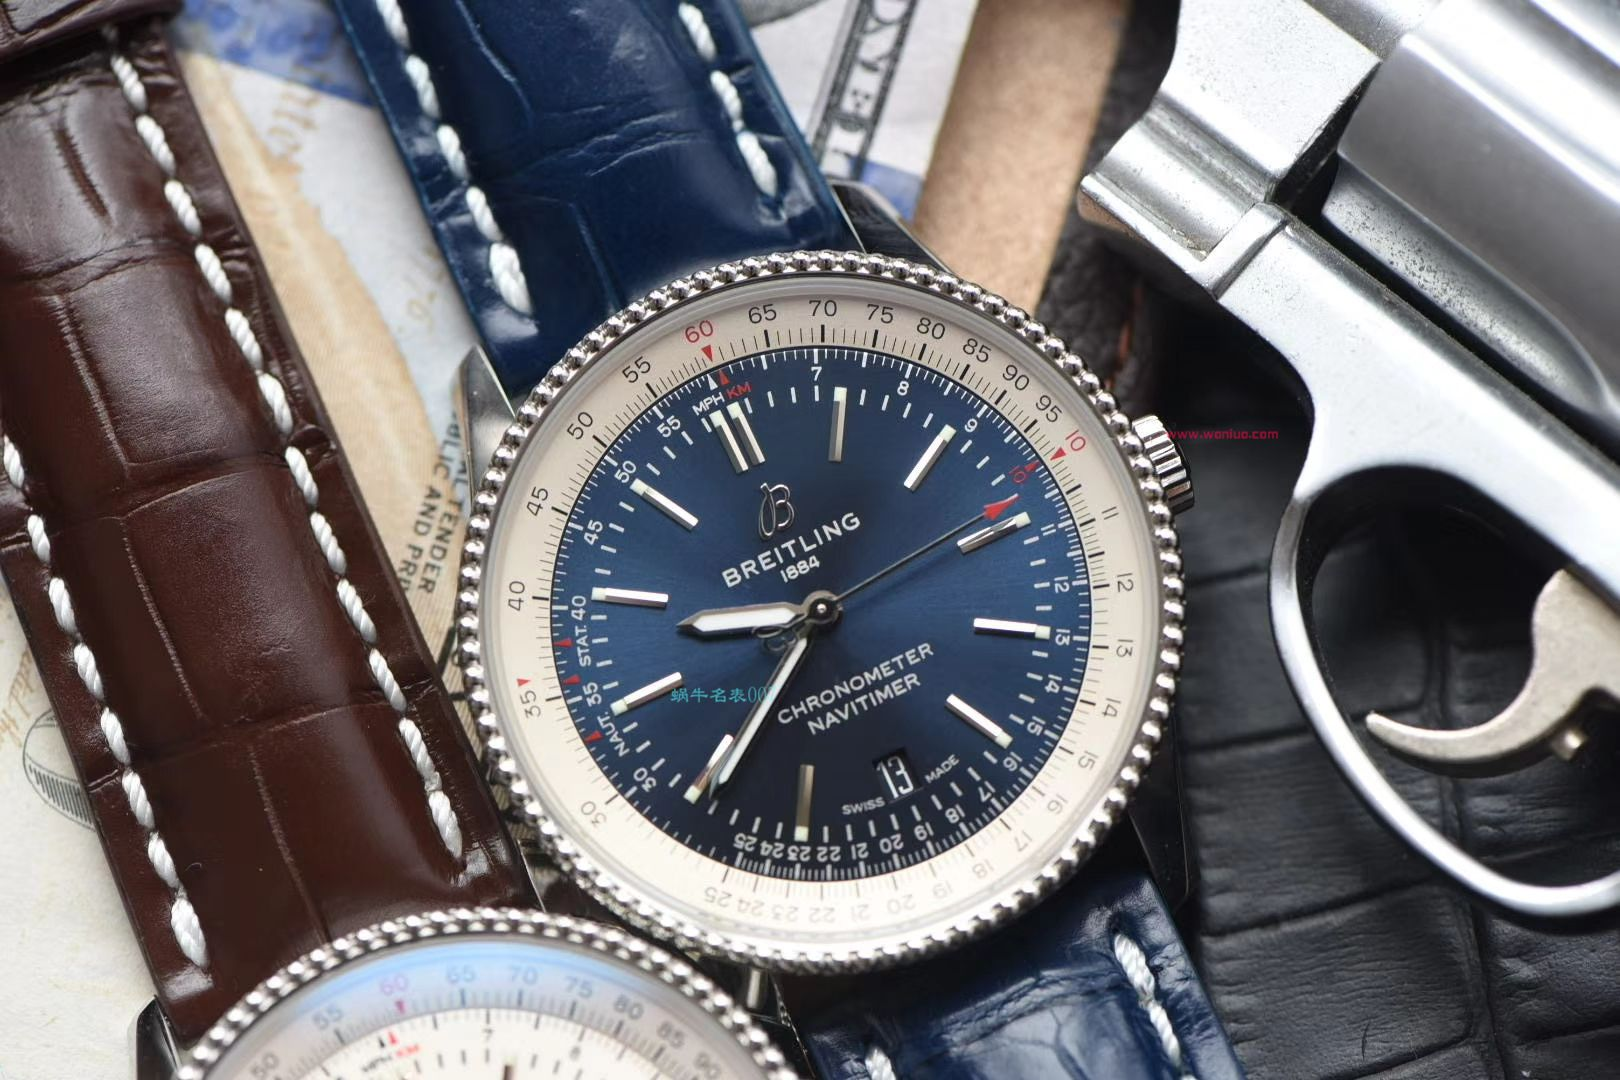 【视频评测007顶级超A复刻】百年灵航空计时41毫米系列A17326211G1P1腕表 / BL153